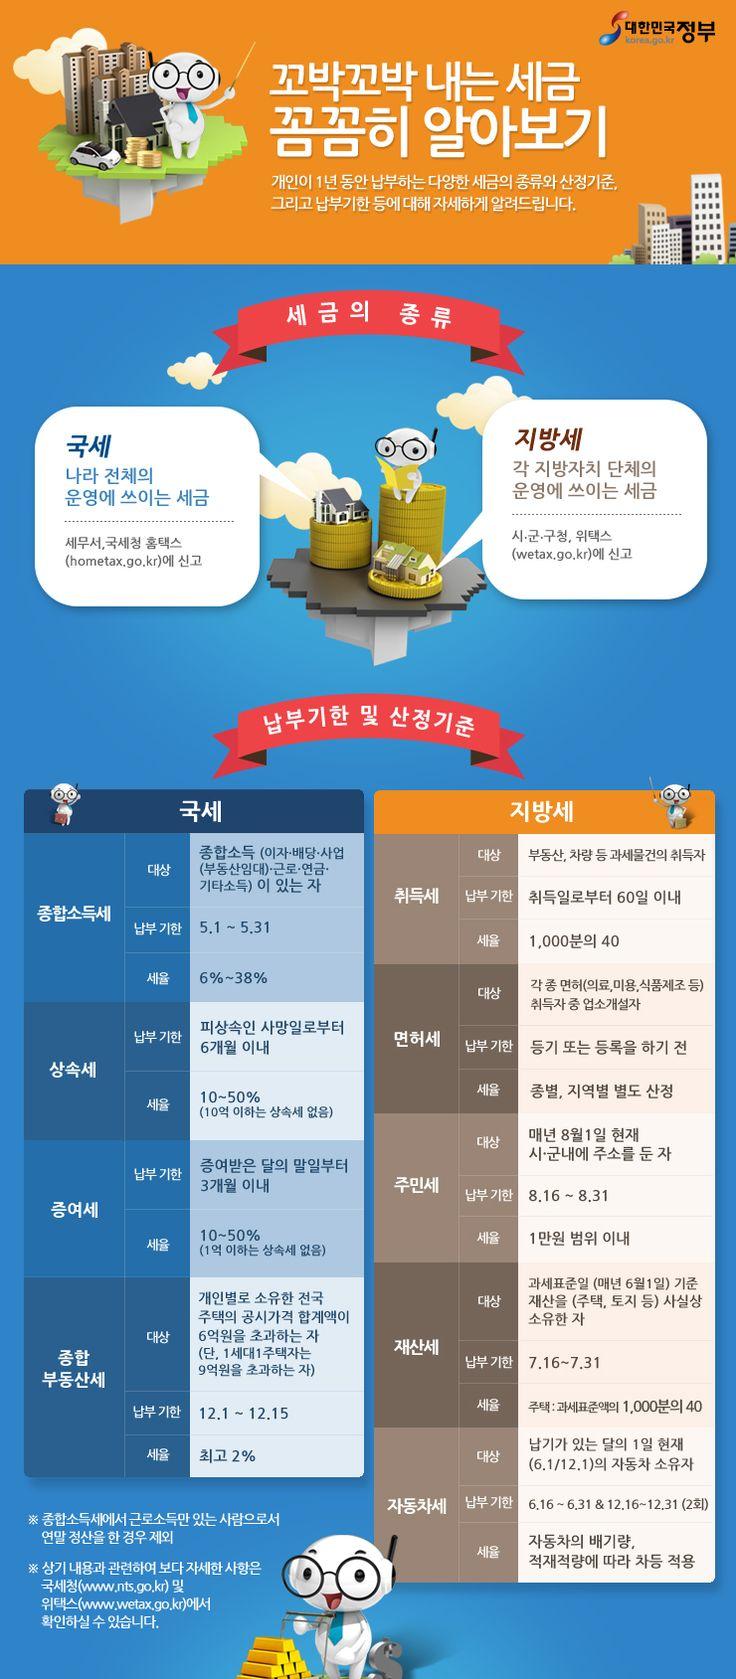 [Infographic] 우리가 꼬박꼬박 내는 세금에 관한 인포그래픽